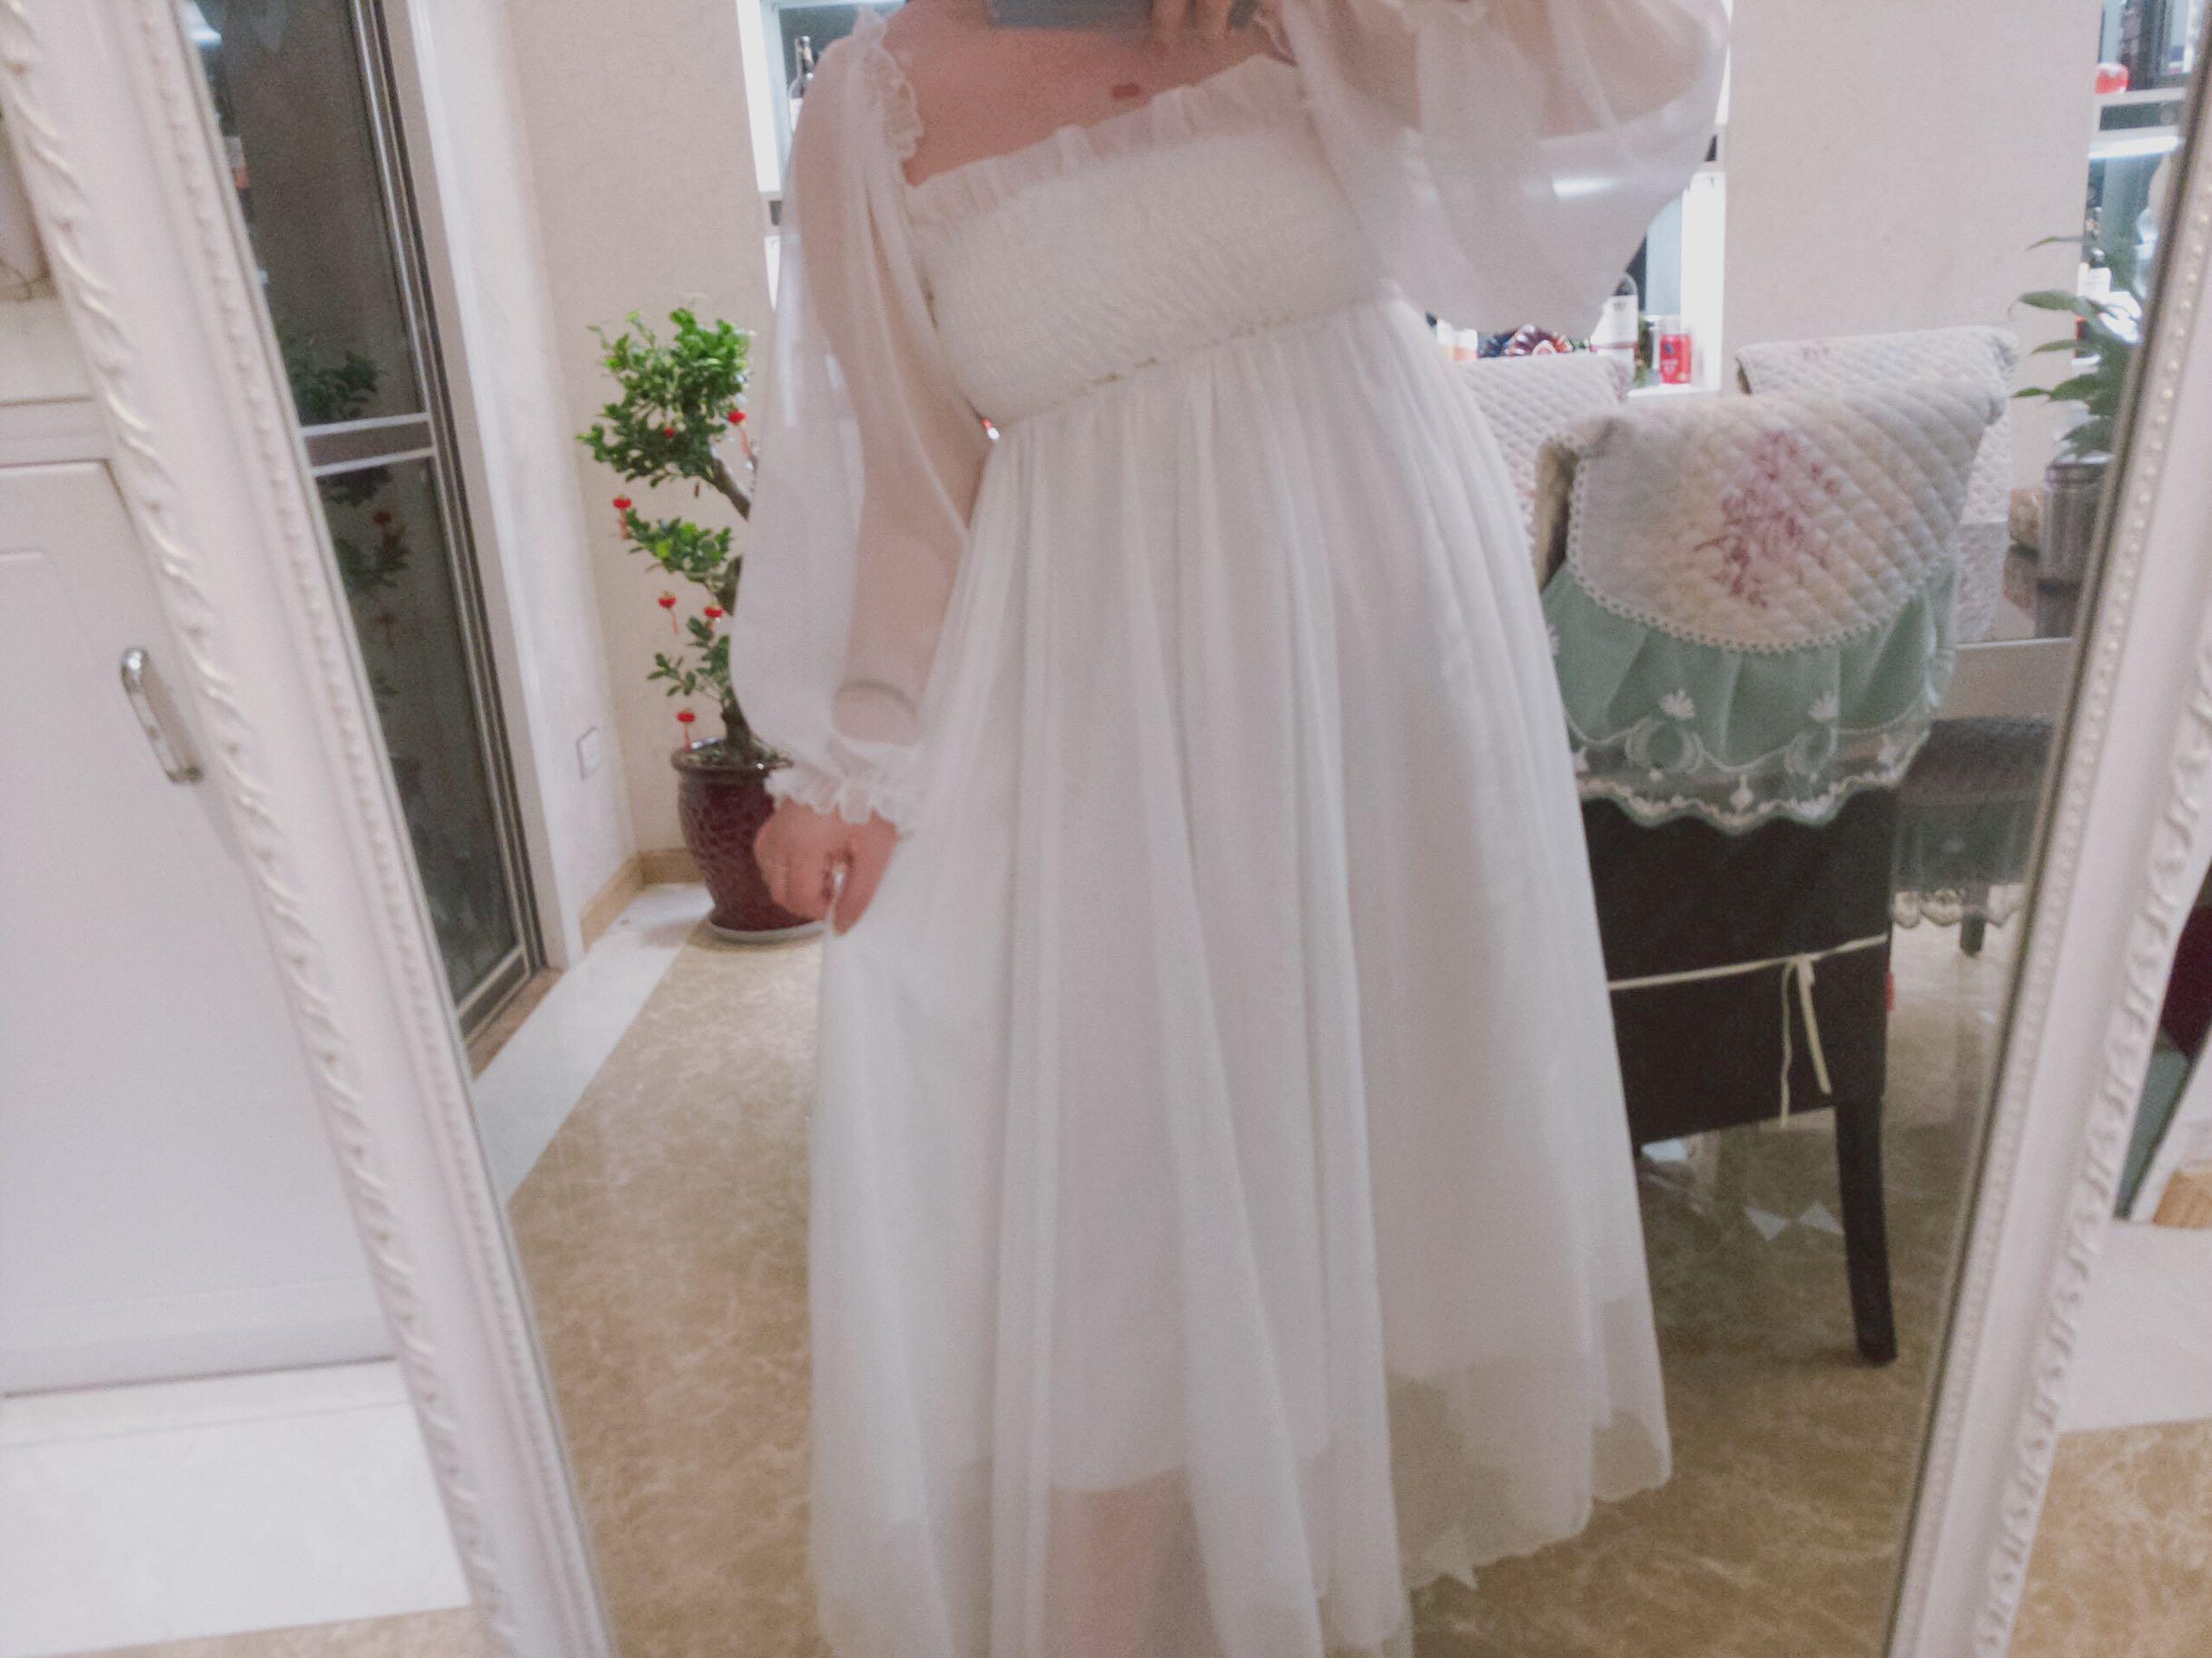 欢喜妹er大码女装宽松胖mm显瘦仙女雪纺泡泡袖不规则下摆长裙新品